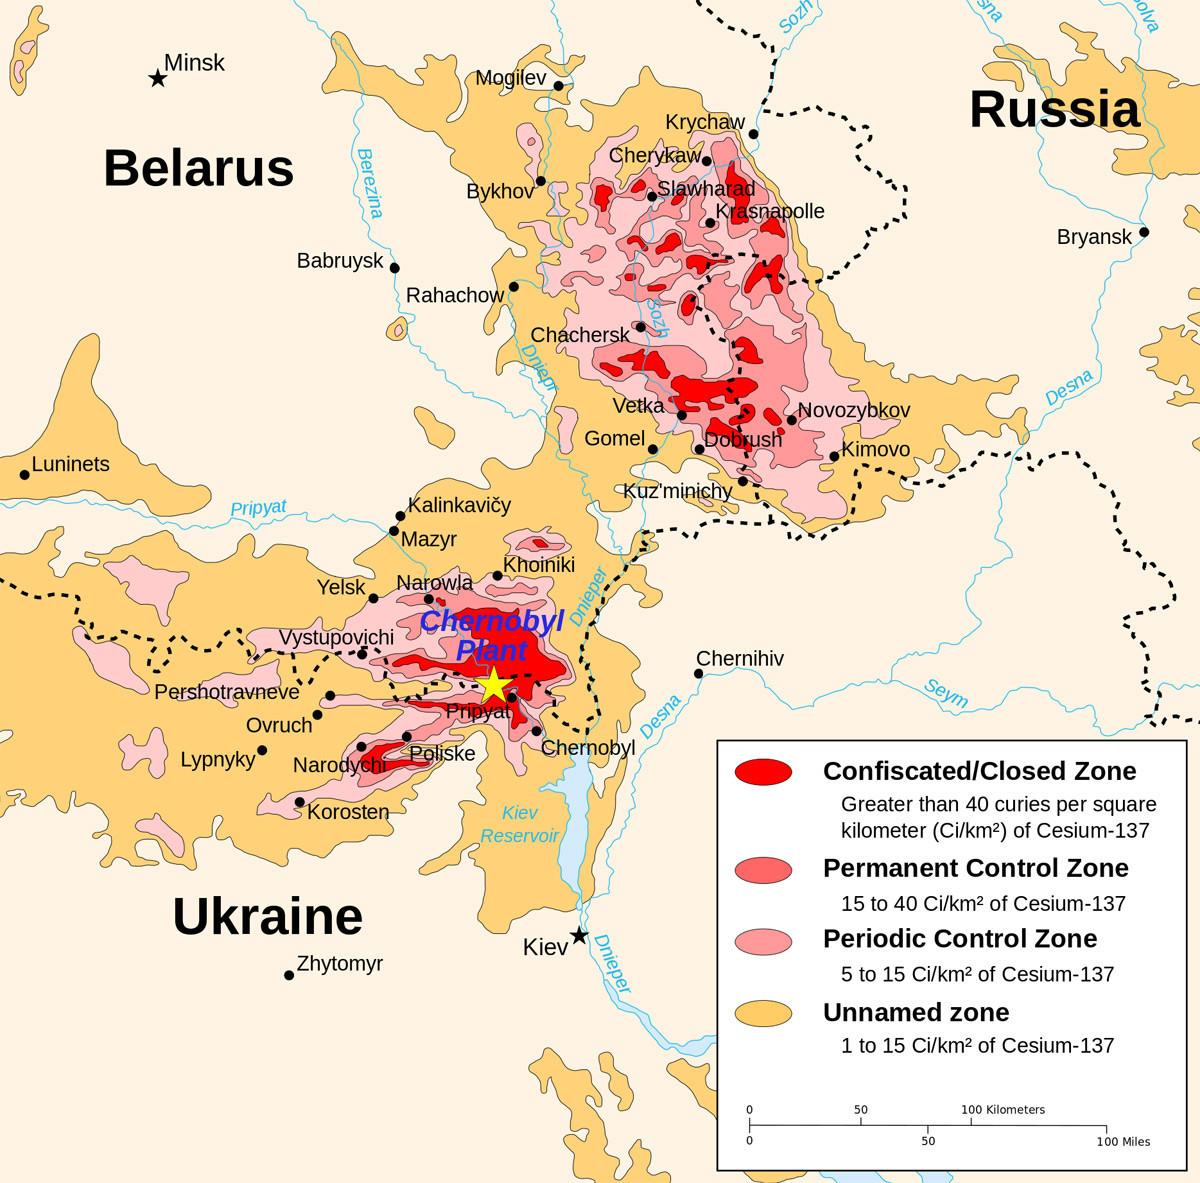 Zemljevid kontaminiranega območja (rdeče = popolnoma zaprta območja)